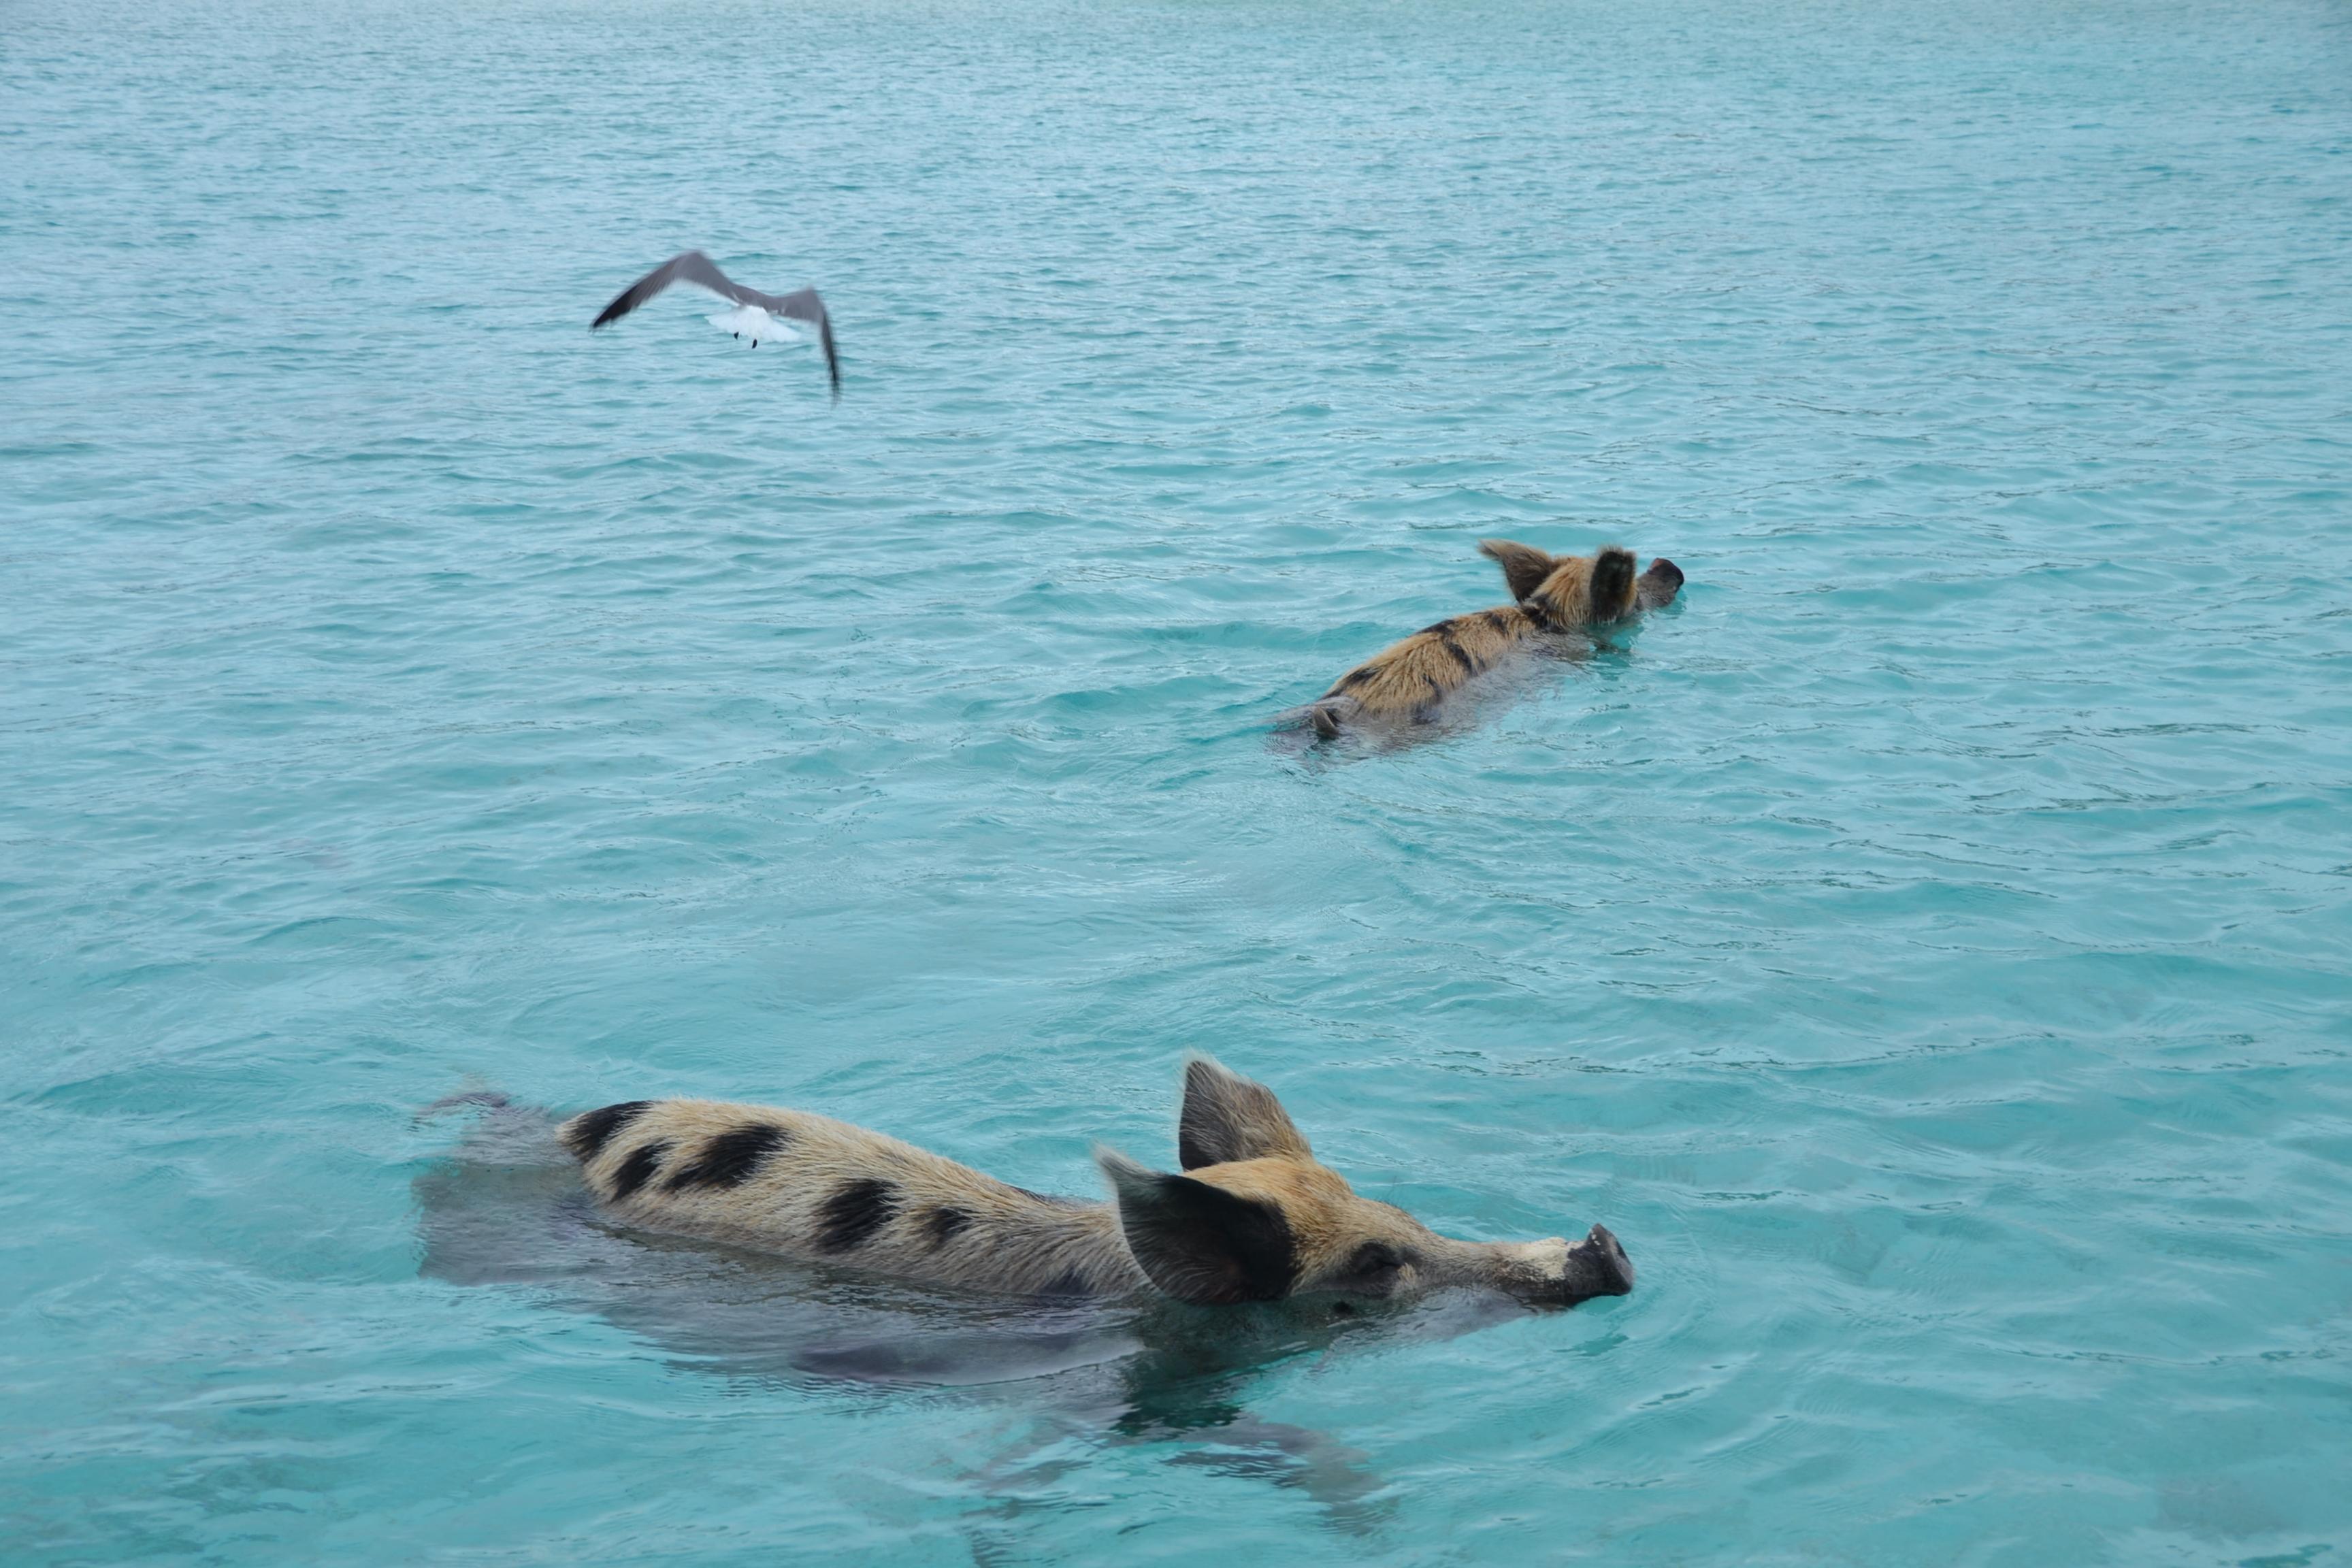 cochons nageurs des bahamas